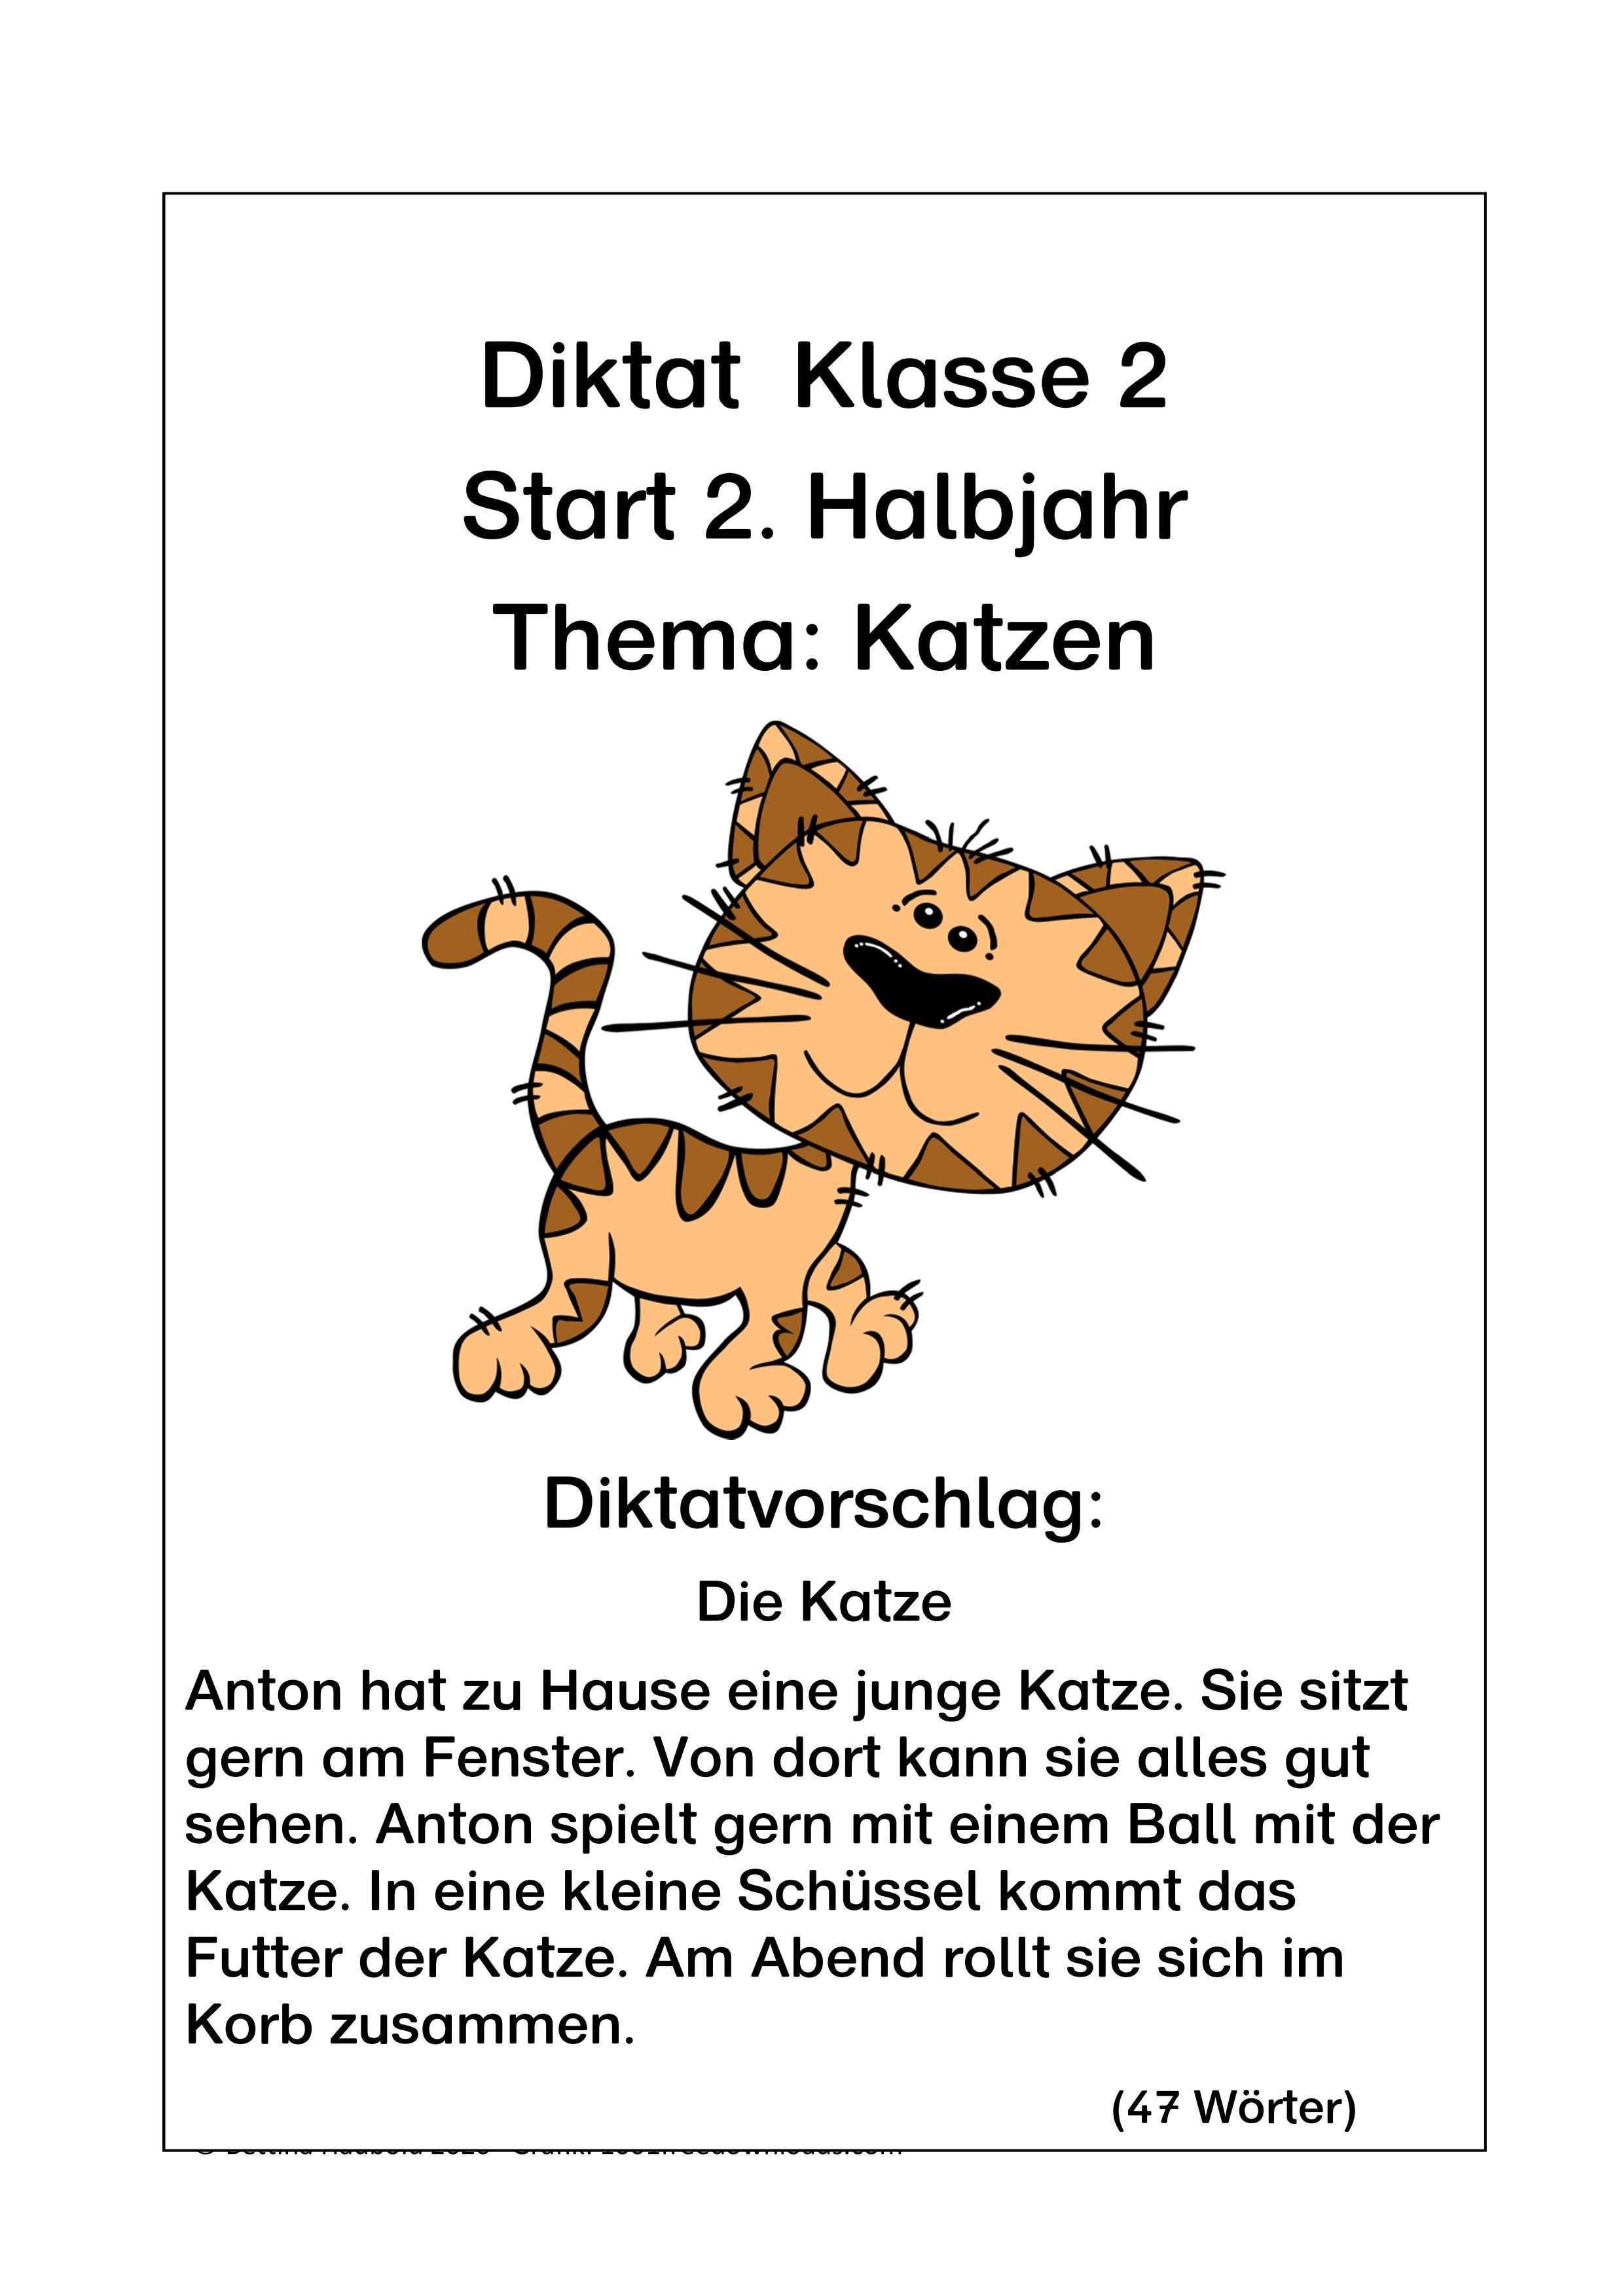 Leistungsdifferenziertes Diktat Thema Katze In 2020 Erste Klasse Mathe Ubungen Klasse 2 Deutsch Lernen Kinder